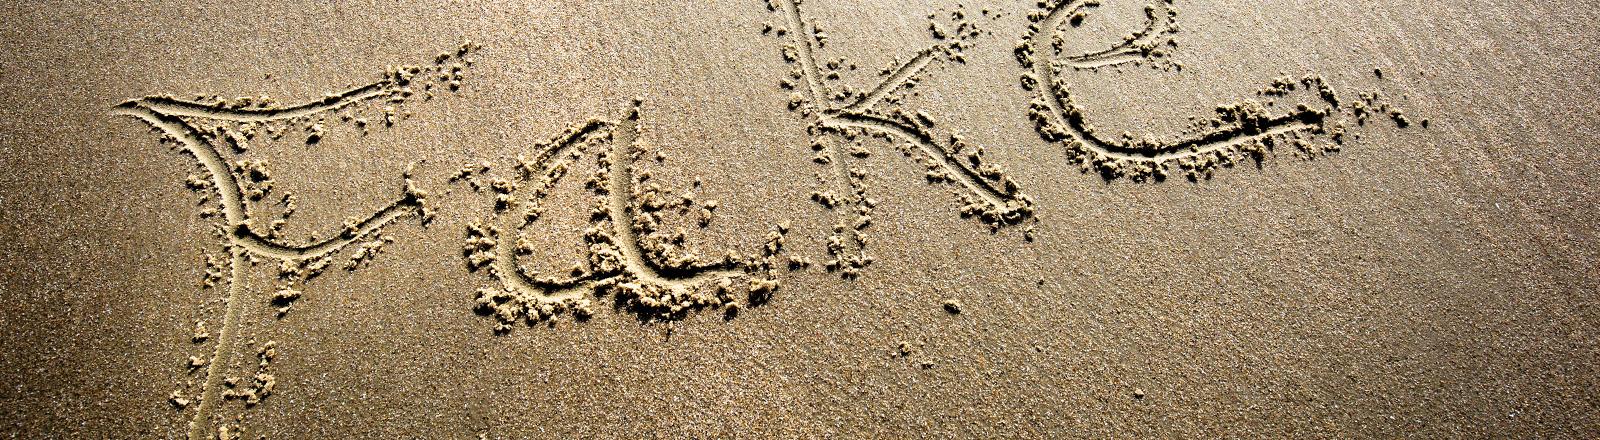 """Das Wort """"Fake"""" in den Sand geschrieben."""